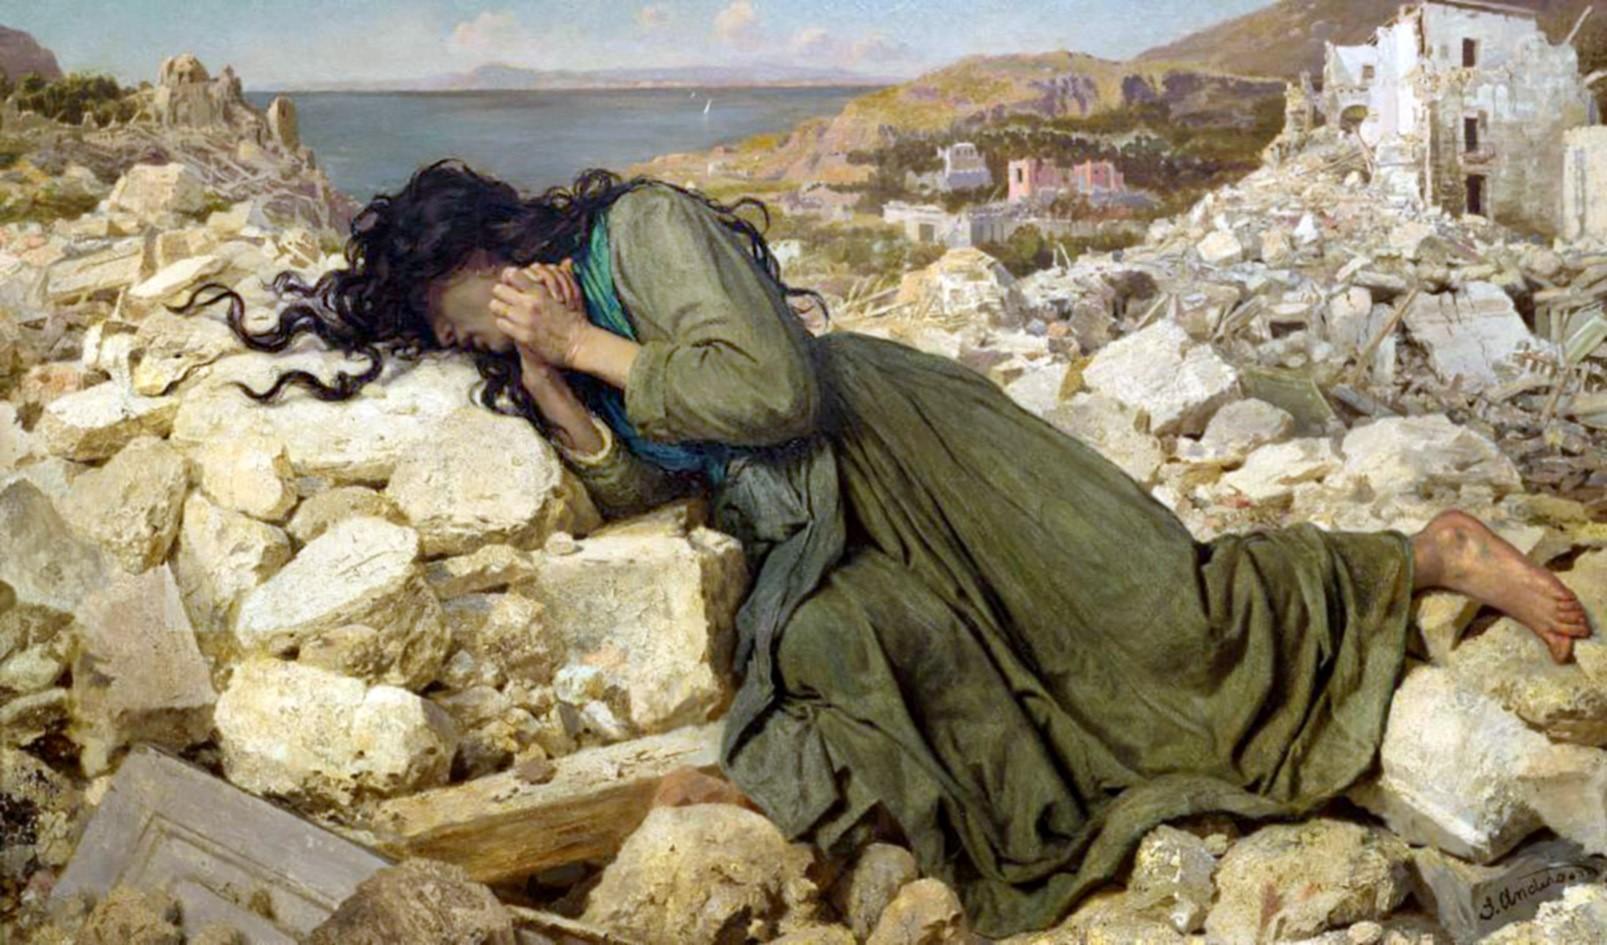 Sophie Anderson, Dopo il terremoto, 1884 olio su tela 81,9 x 138,4 cm    Auckland Art Gallery Toi o Tāmaki, (dono di  Viscount Leverhulme, 1924) Nuova Zelanda.jpg